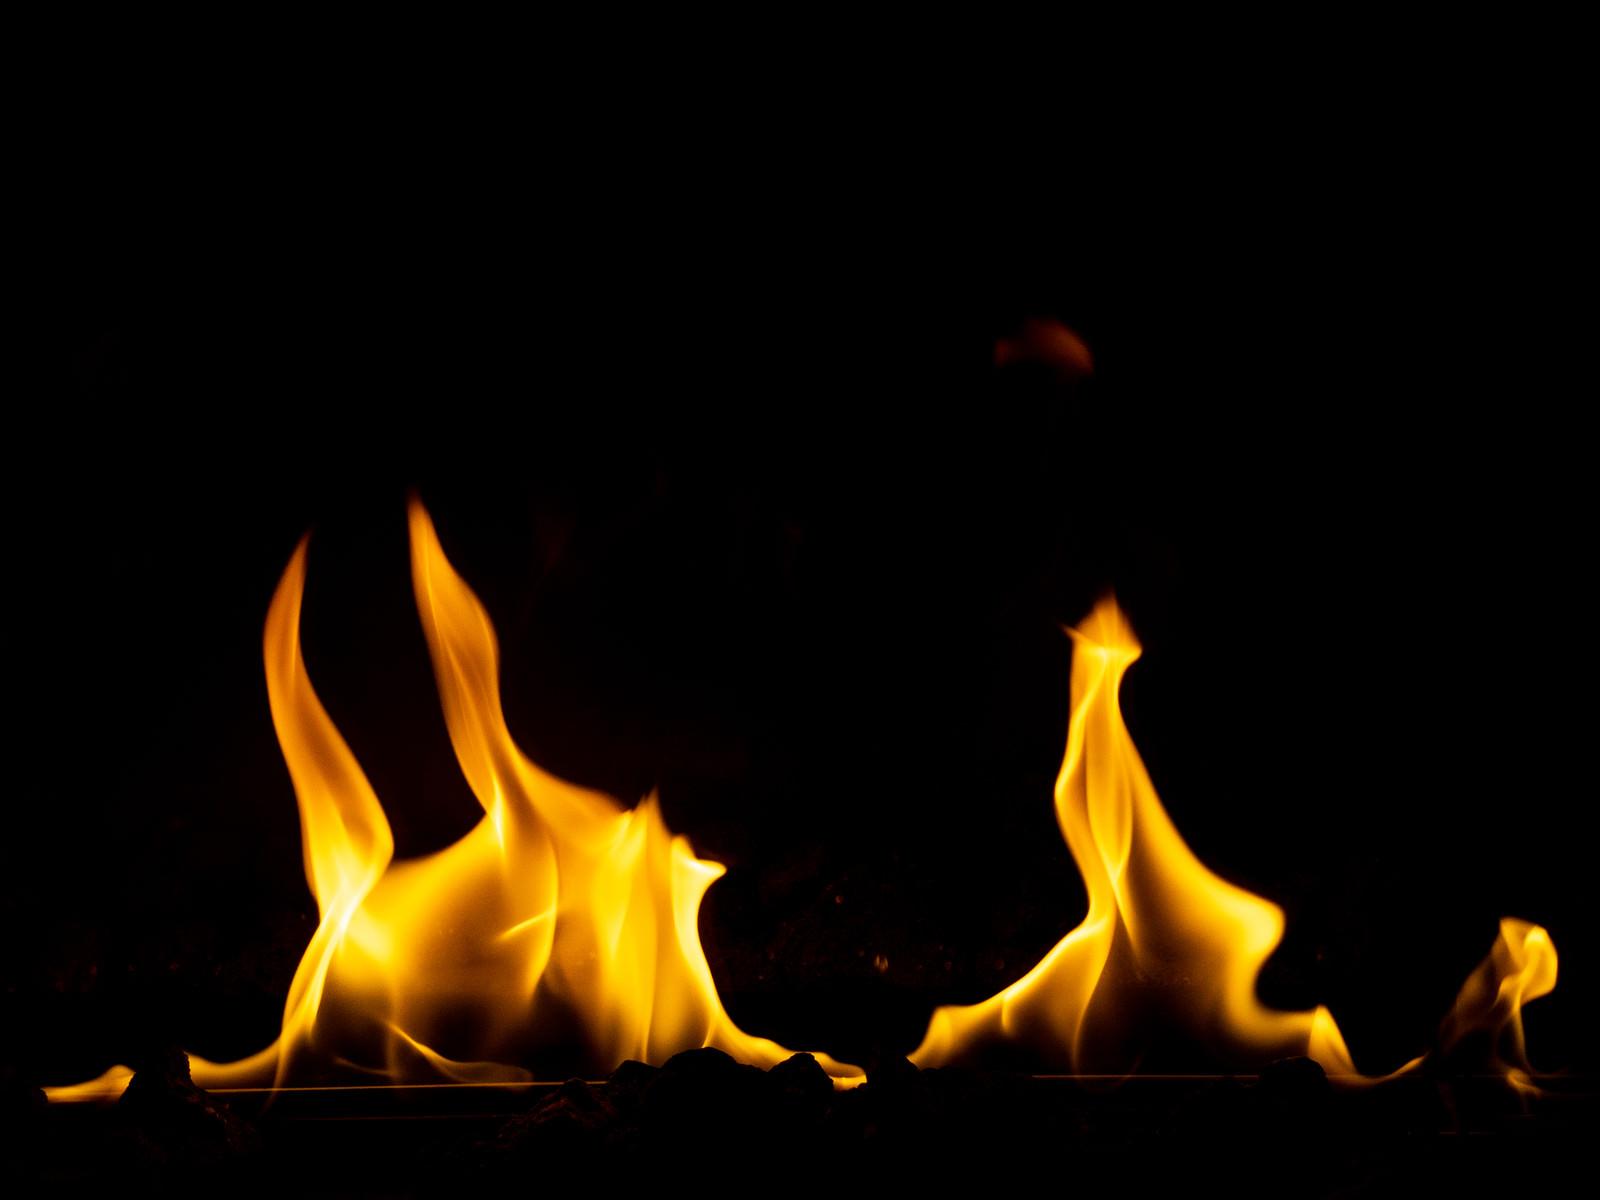 「燃え広がる炎 」の写真